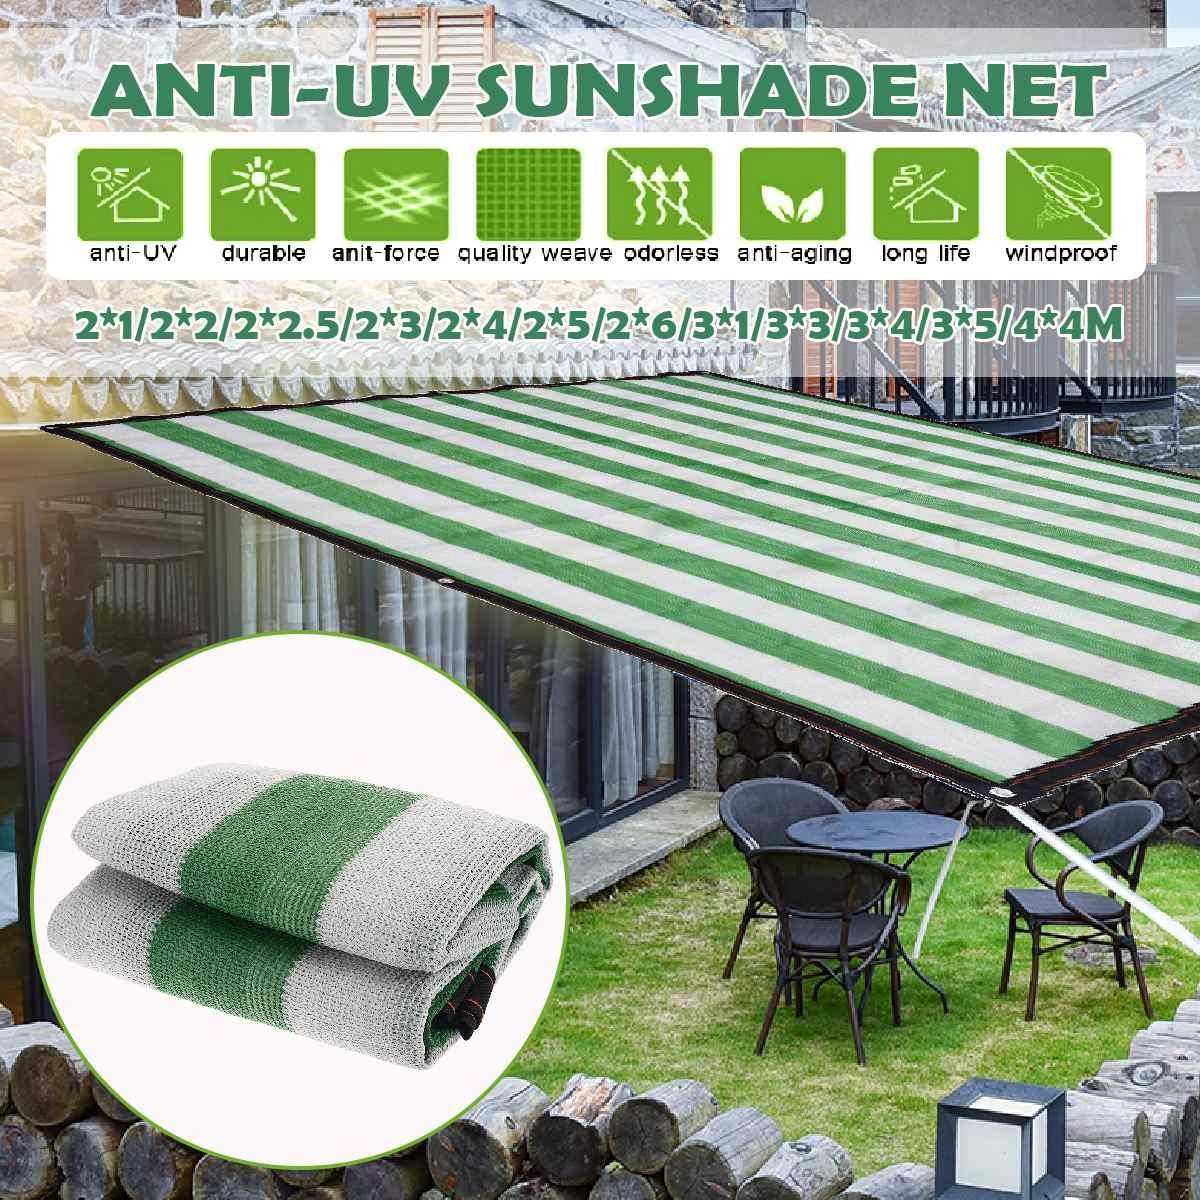 Rede de malha para jardim, tela com proteção solar, para o ar livre, para o sol, para caminhadas, jardim, pára-sol, protetor de sol